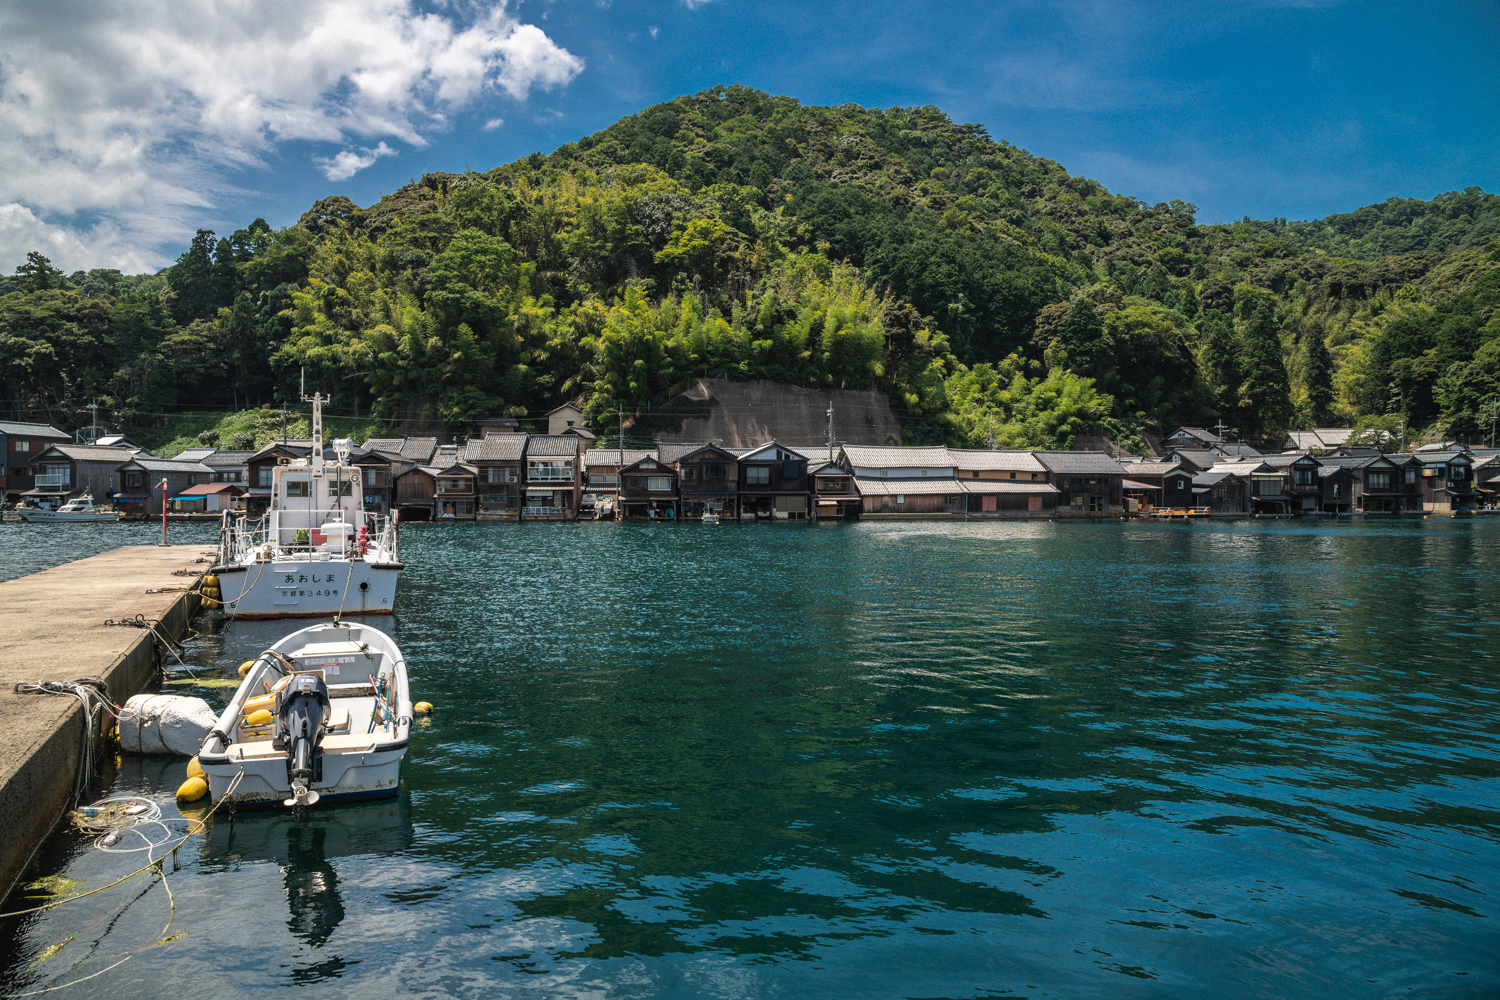 NIKON-CORPORATION_NIKON-D85016175 京都  伊根の舟屋 ( 丹後半島おすすめの海に町が浮かぶように見える絶景写真スポット・アクセス情報や駐車場など!)